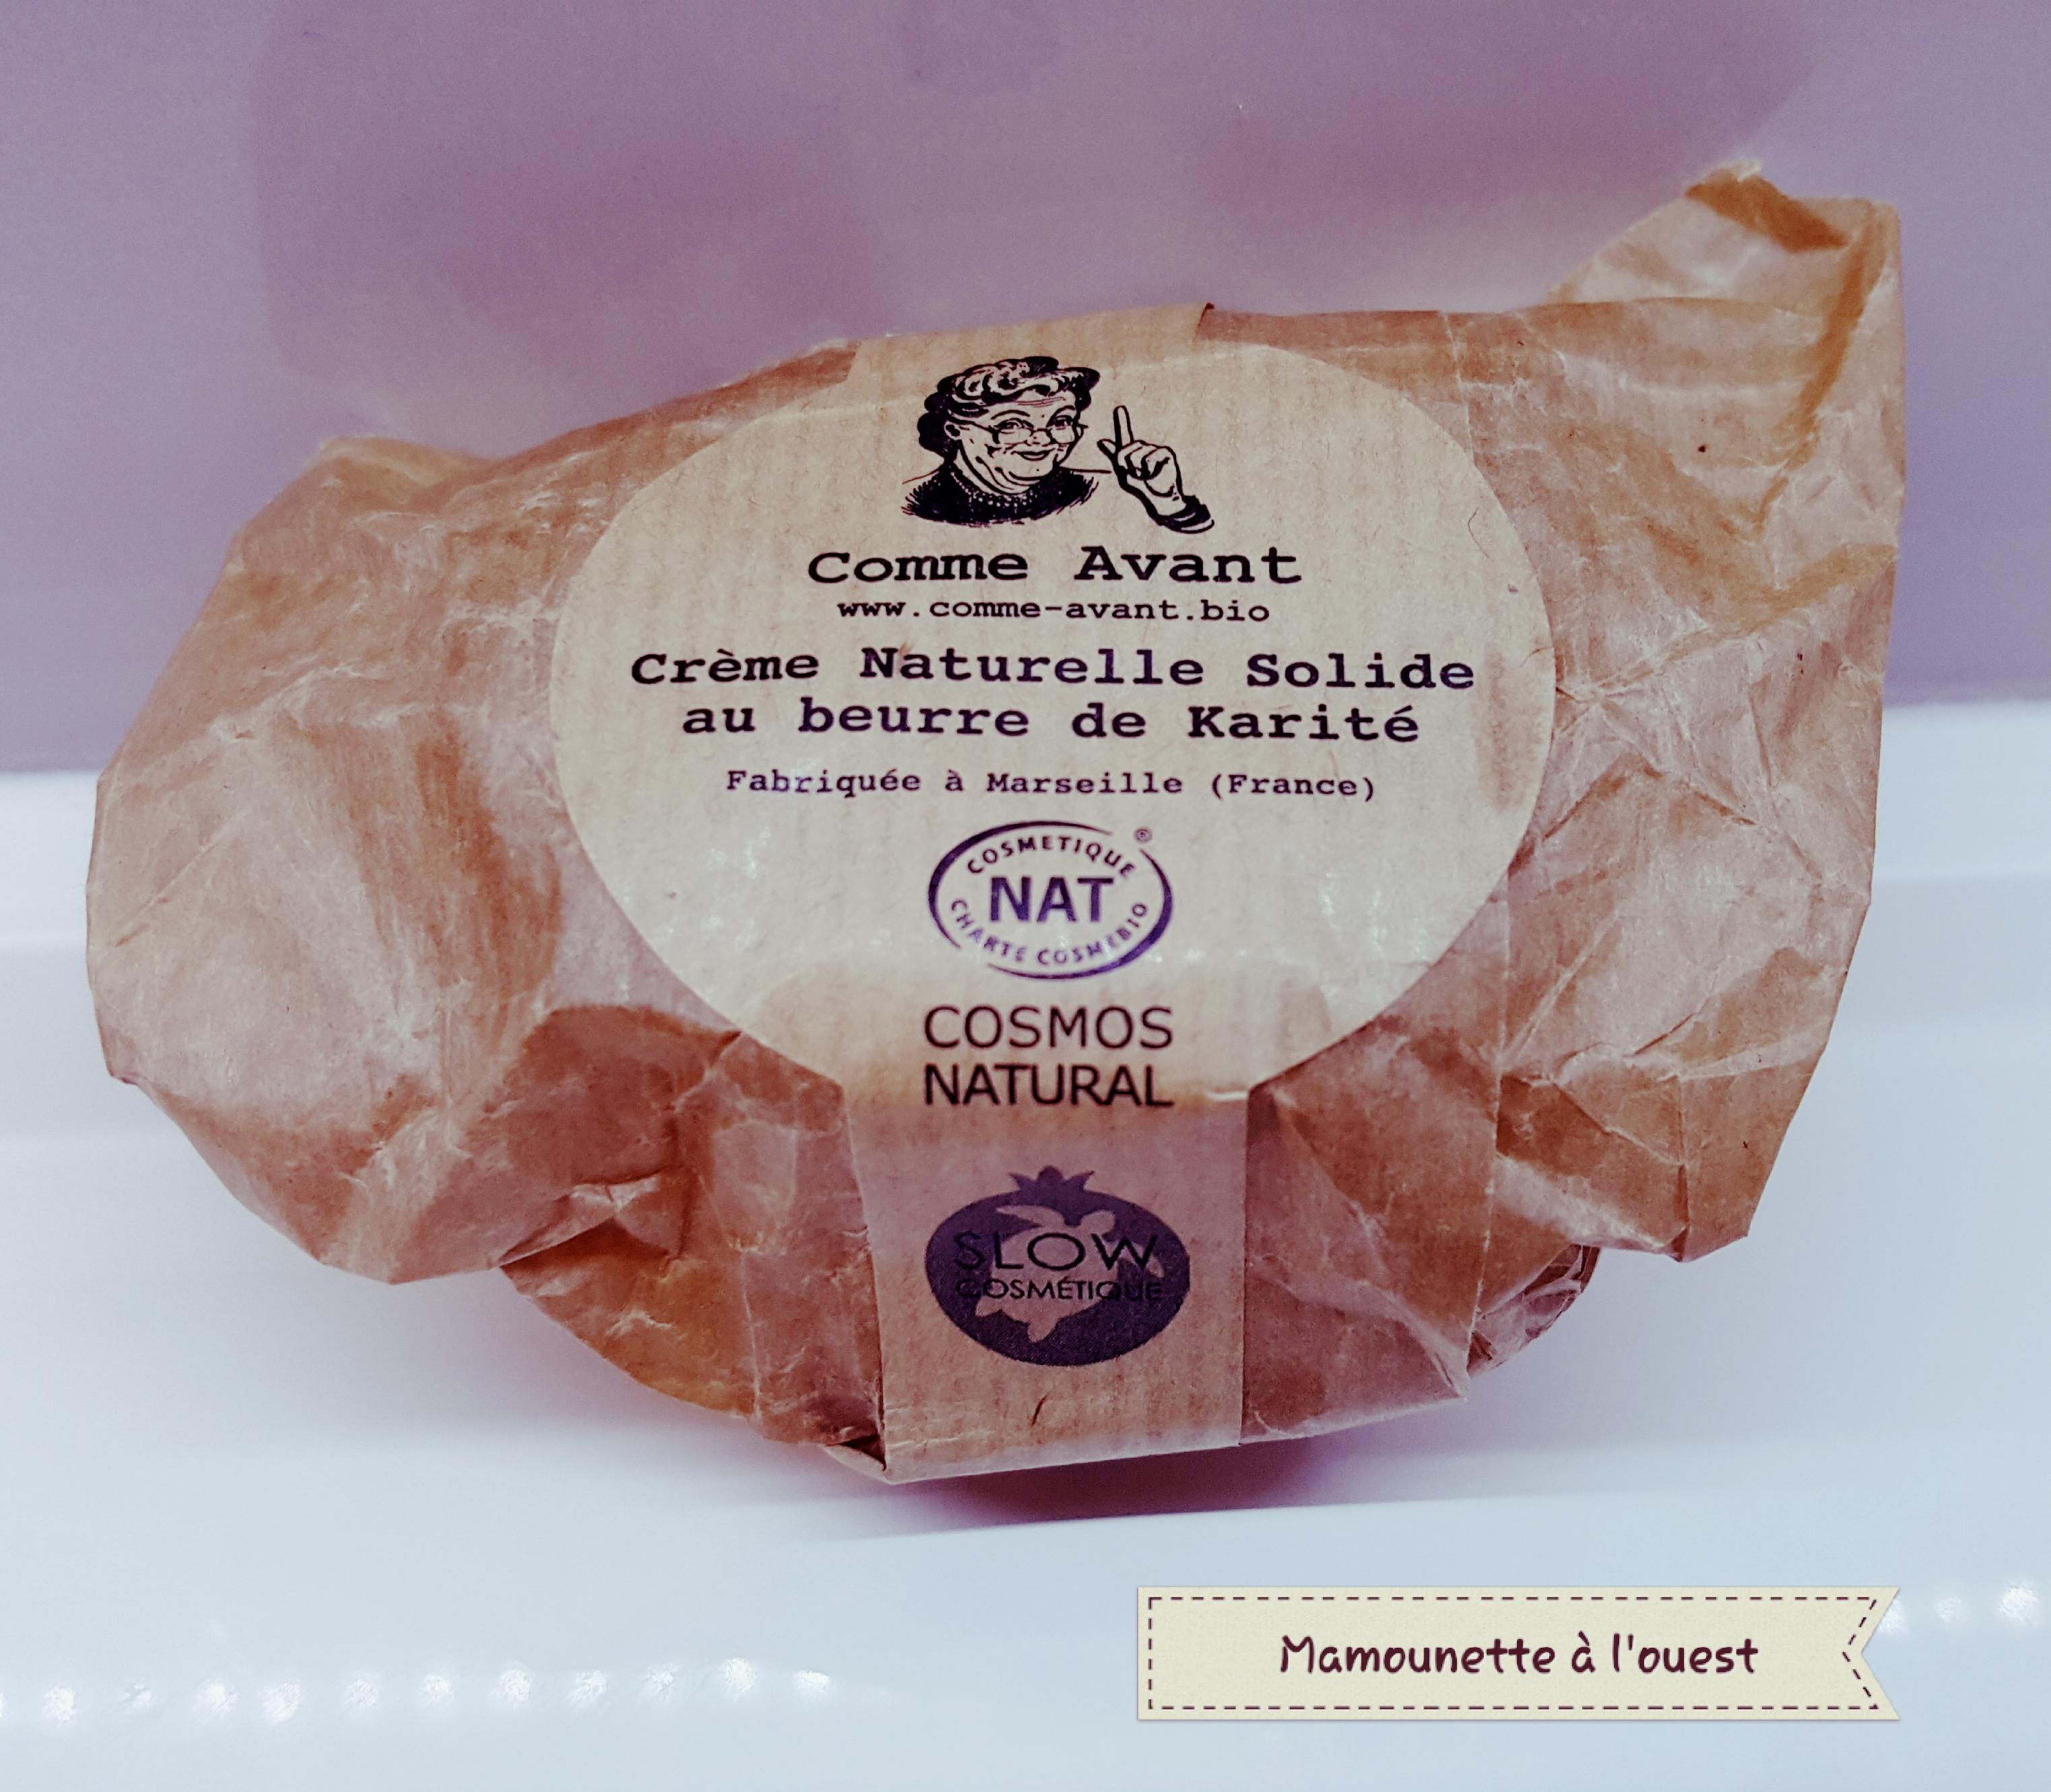 Crème naturelle solide au beurre de Karité Comme Avant.jpg